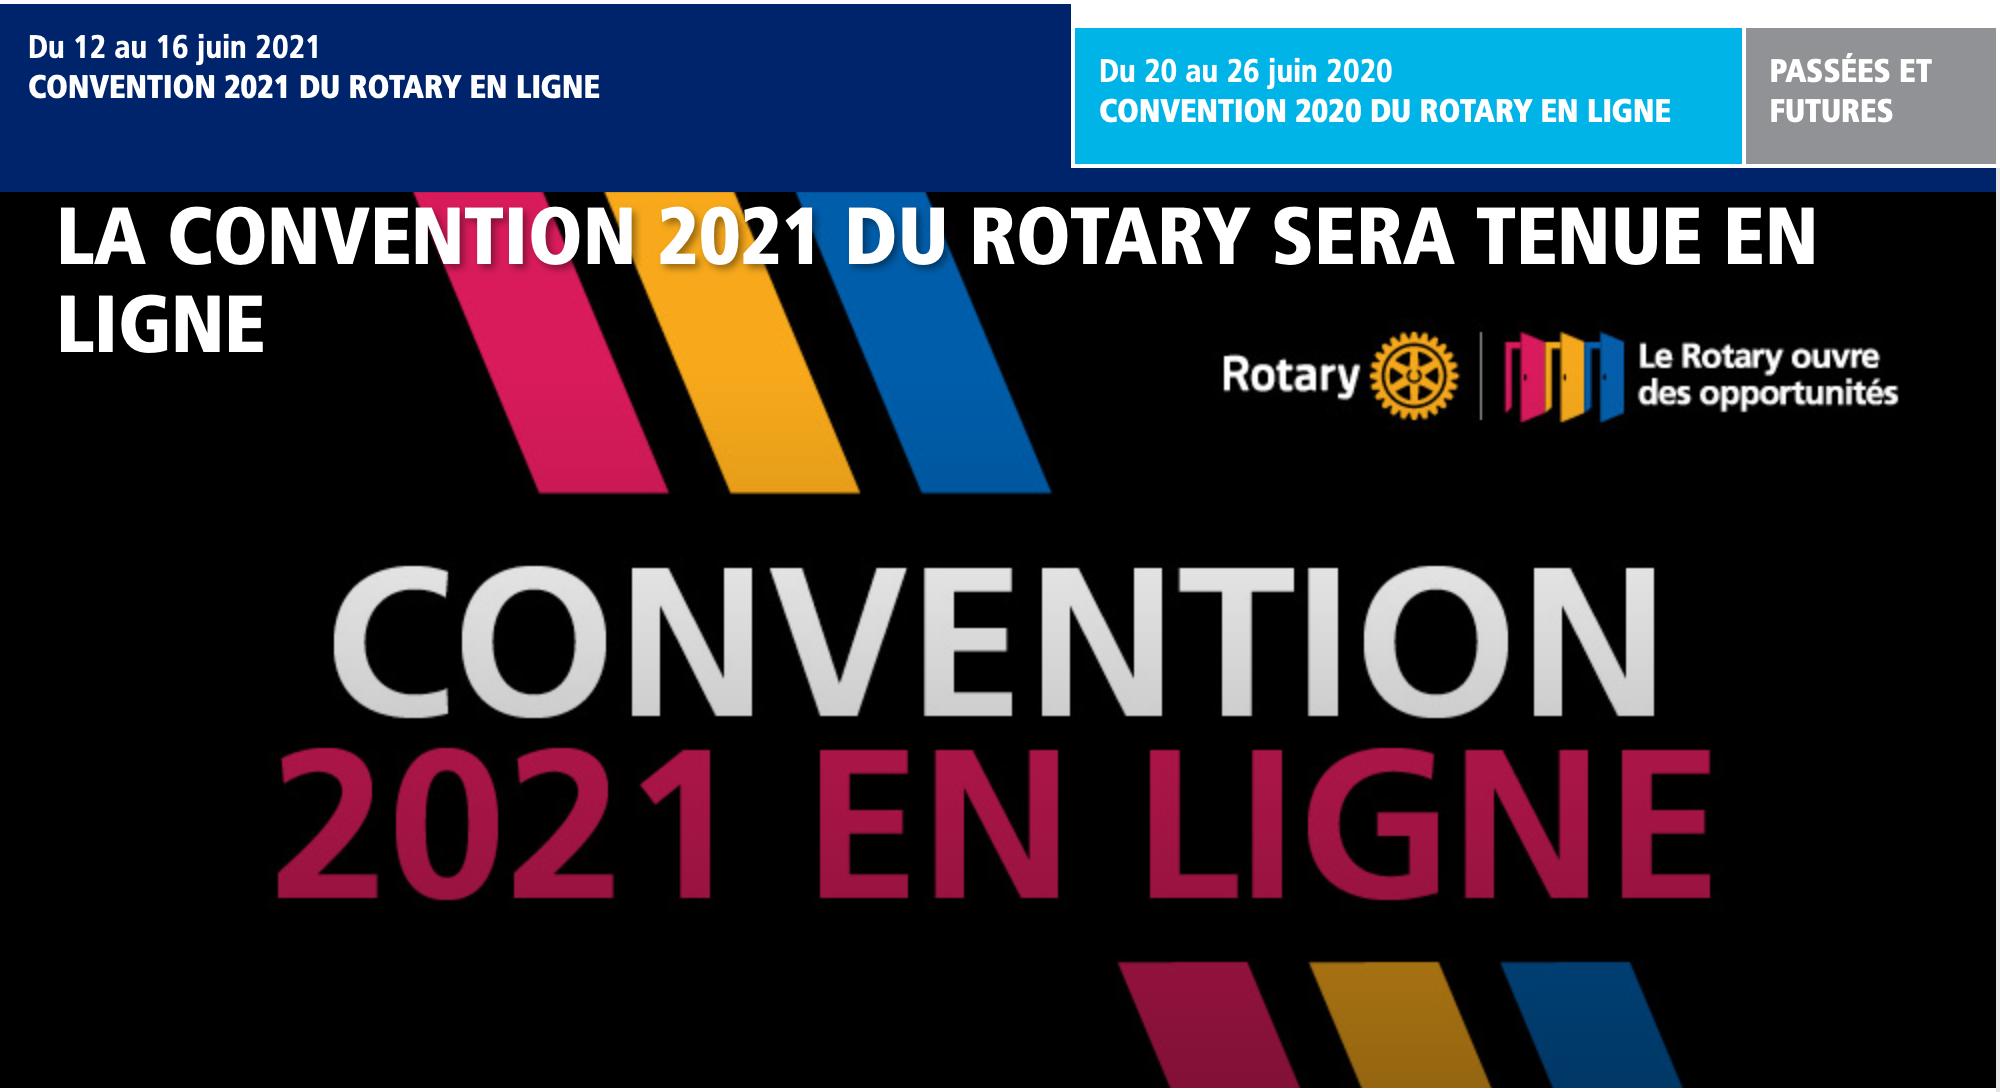 CONVENTION 2021 EN LIGNE